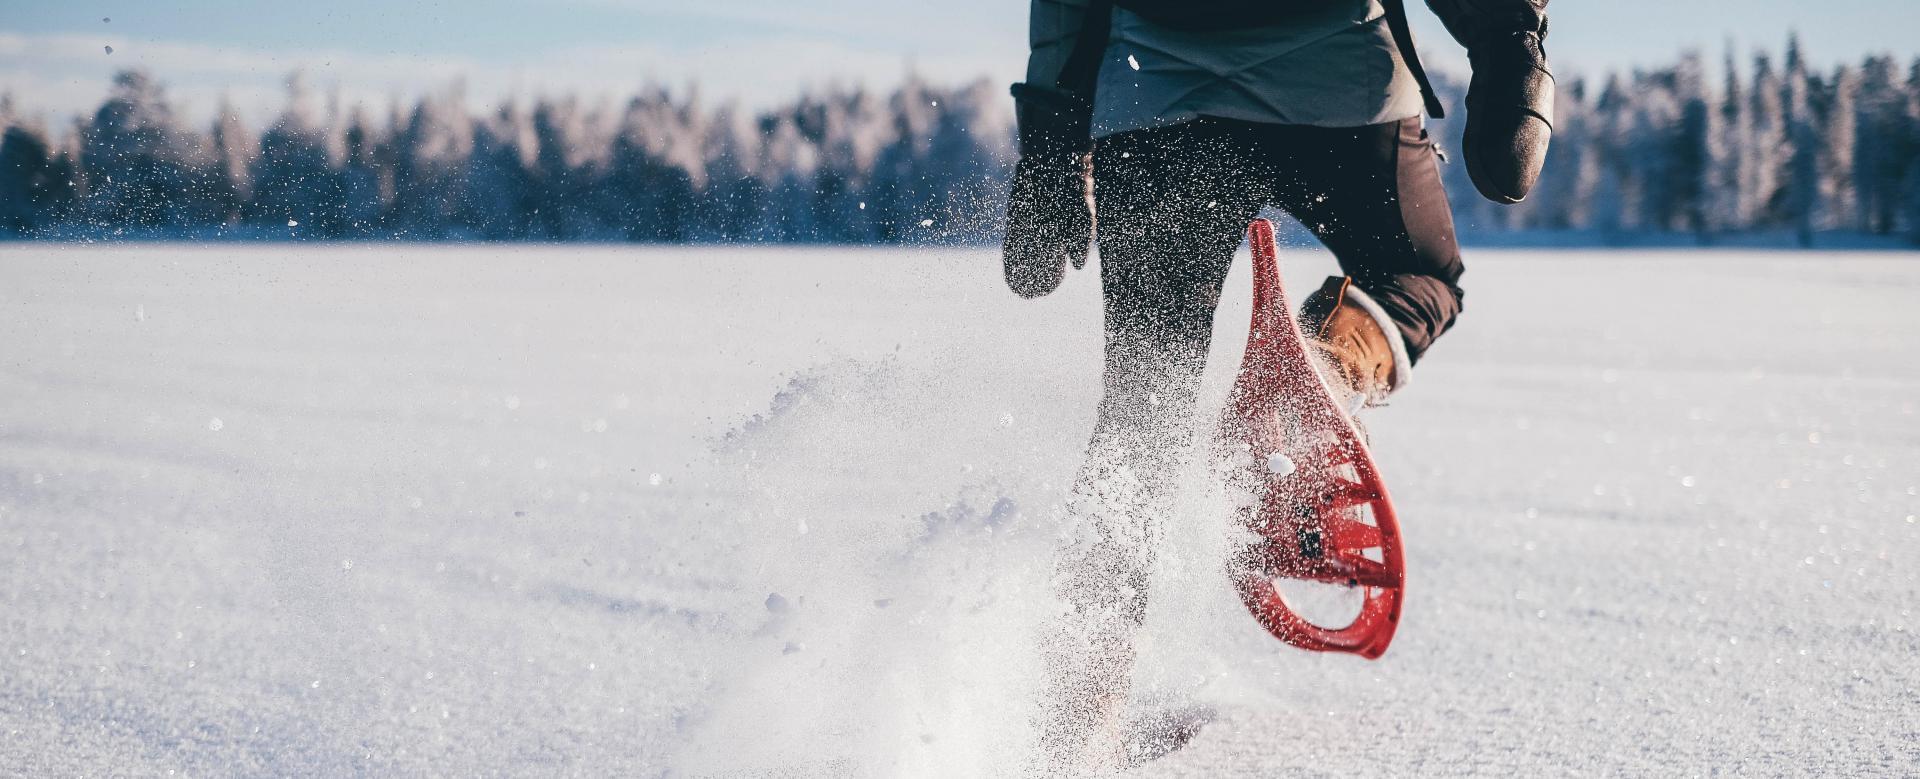 Voyage à la neige : Hors piste à hossa